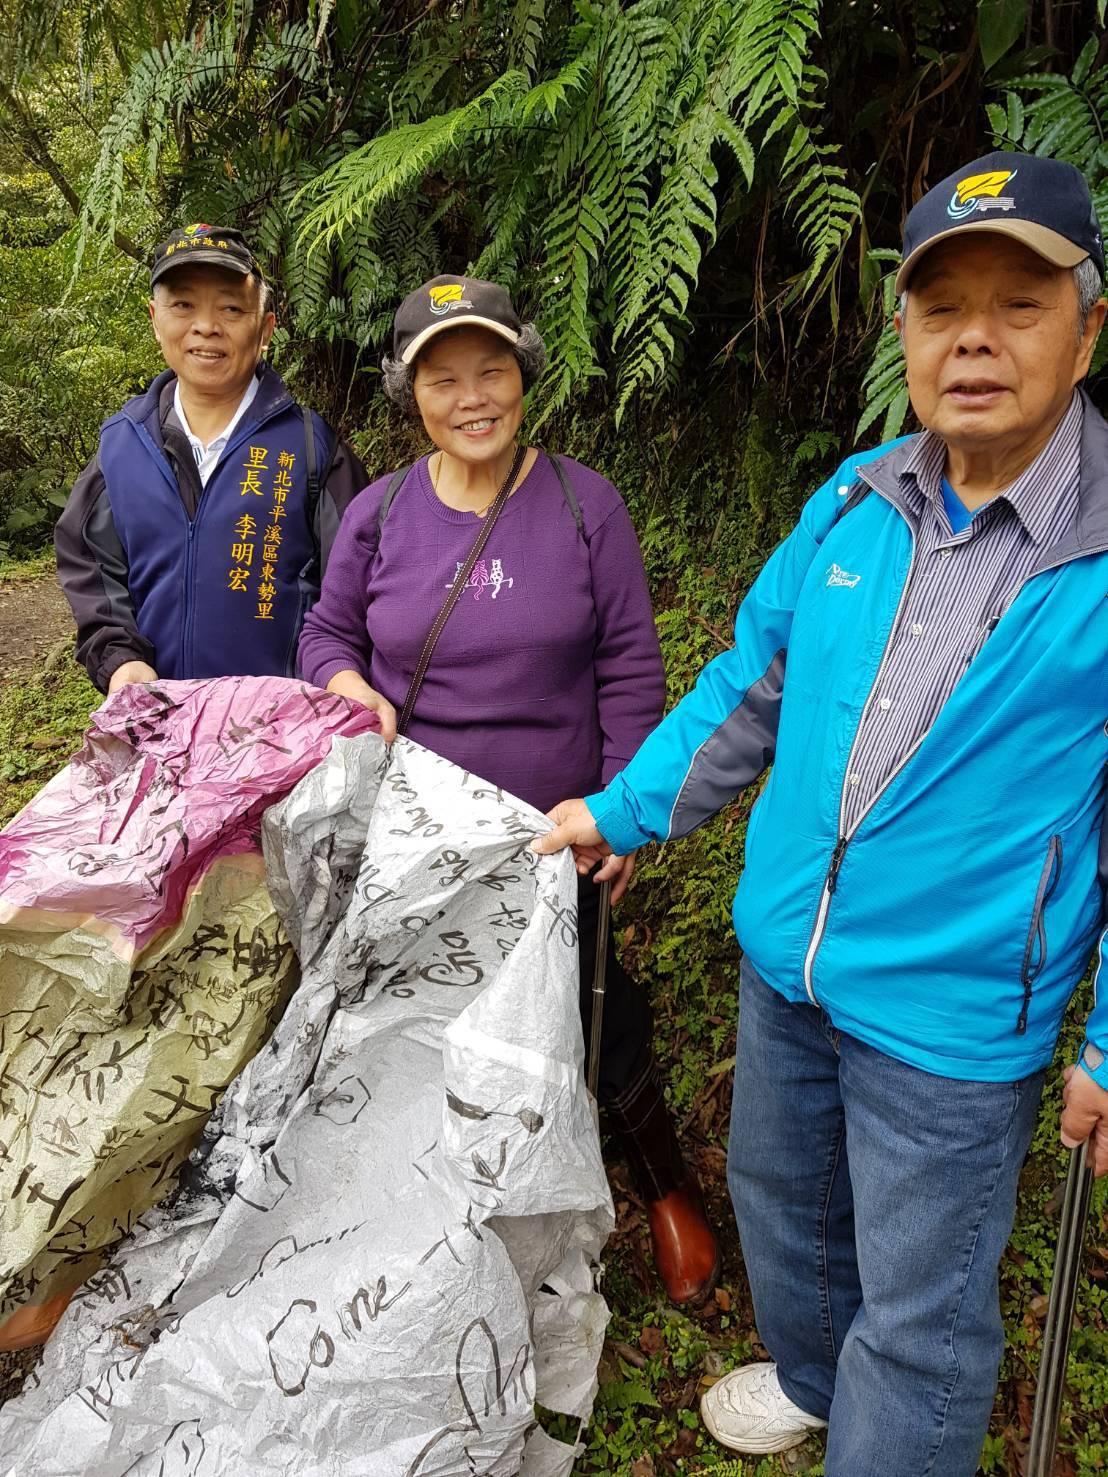 志工們昨天投入平溪地區山林,撿拾天燈節後山區留下的垃圾與天燈殘骸,還給山區乾淨面...